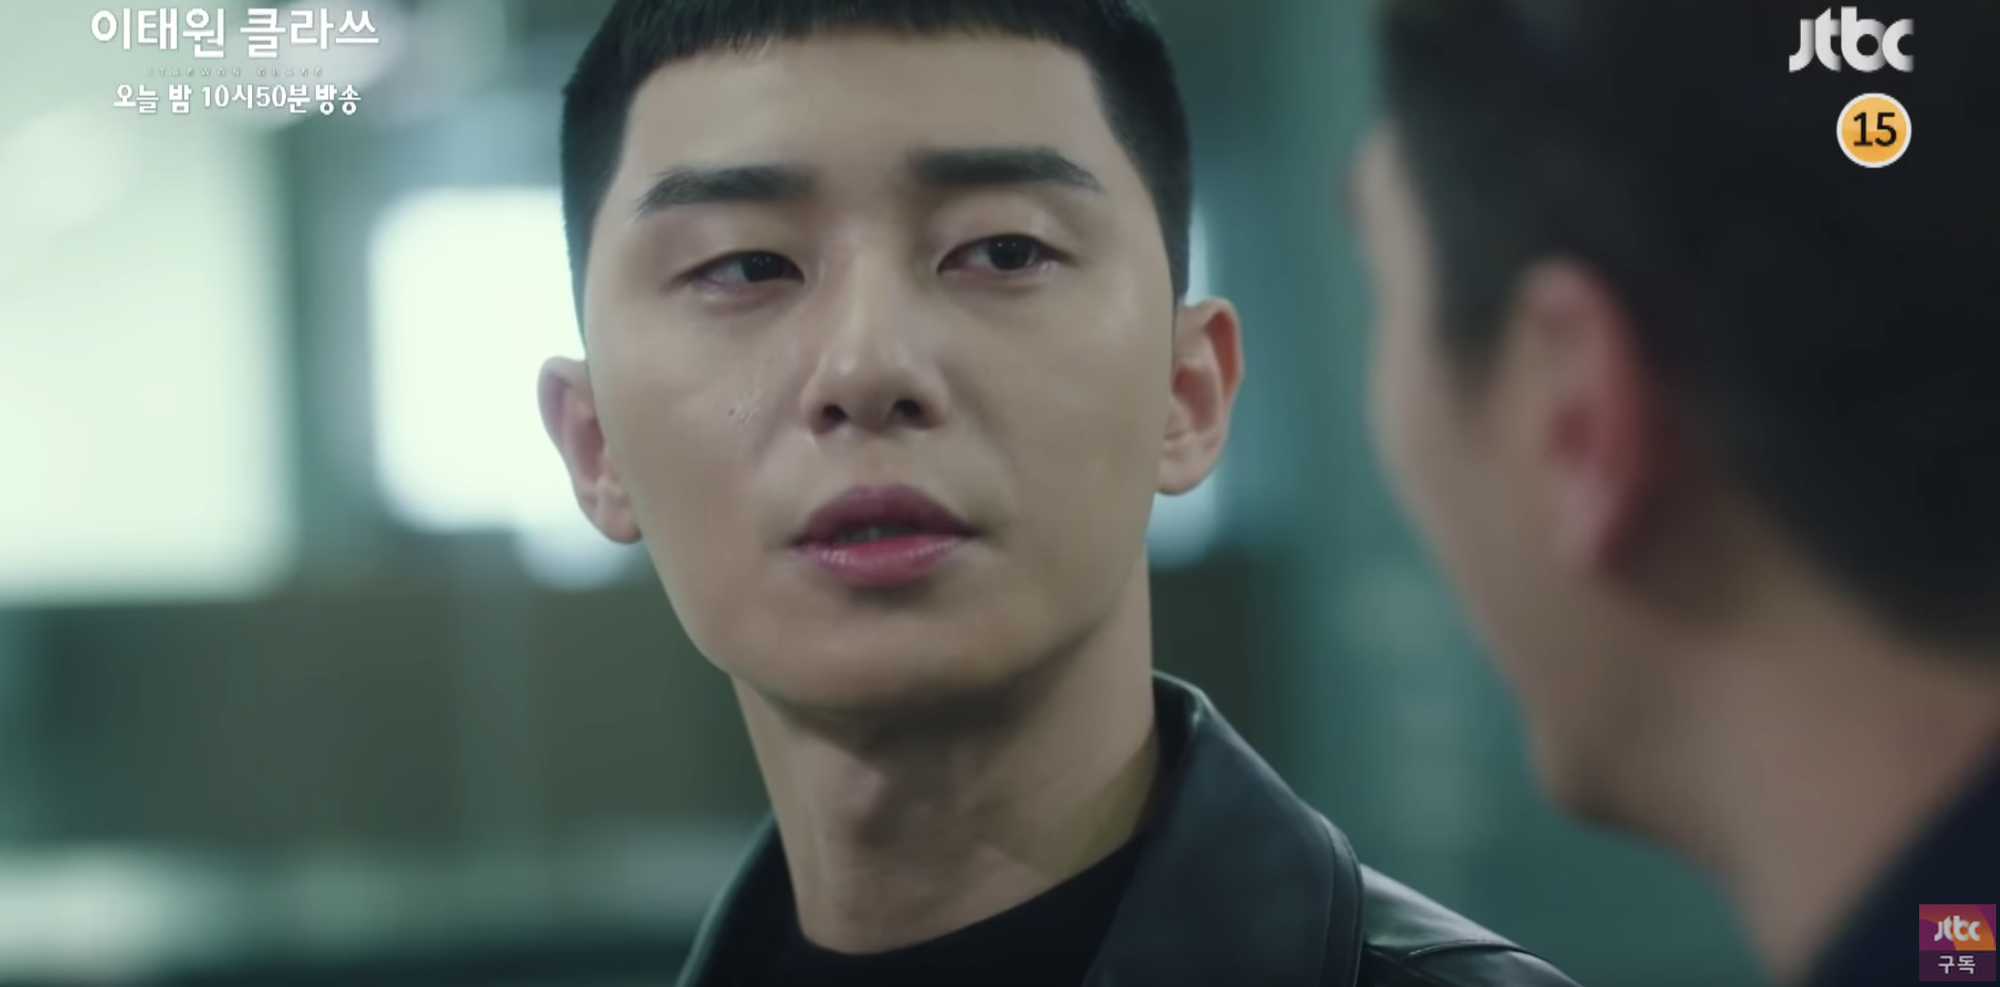 Preview Tầng Lớp Itaewon tập 6: Điên nữ nói thẳng thích Park Seo Joon, cảnh cáo sẽ huỷ hoại đời chị gái tình đầu - Ảnh 8.